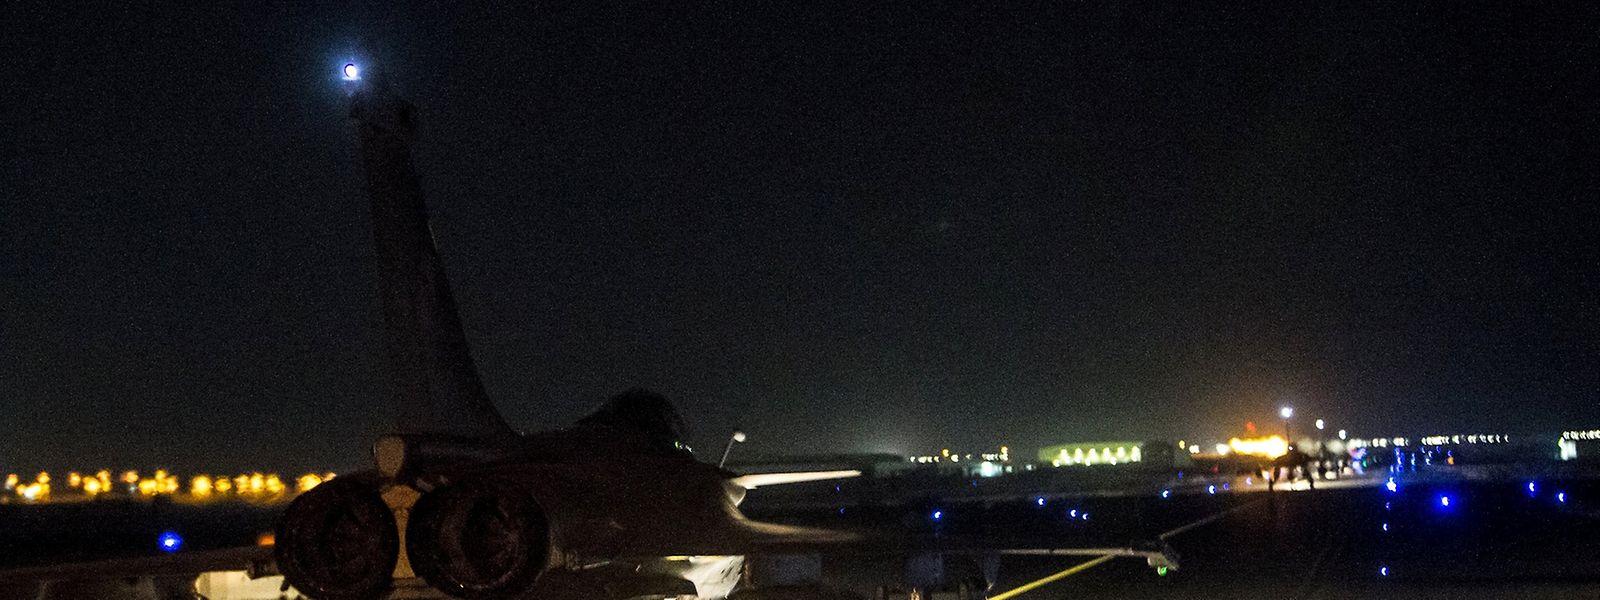 Un avion de chasse français dans un lieu tenu secret, document publié par l'ECPAD, cellule de communication de la Défense